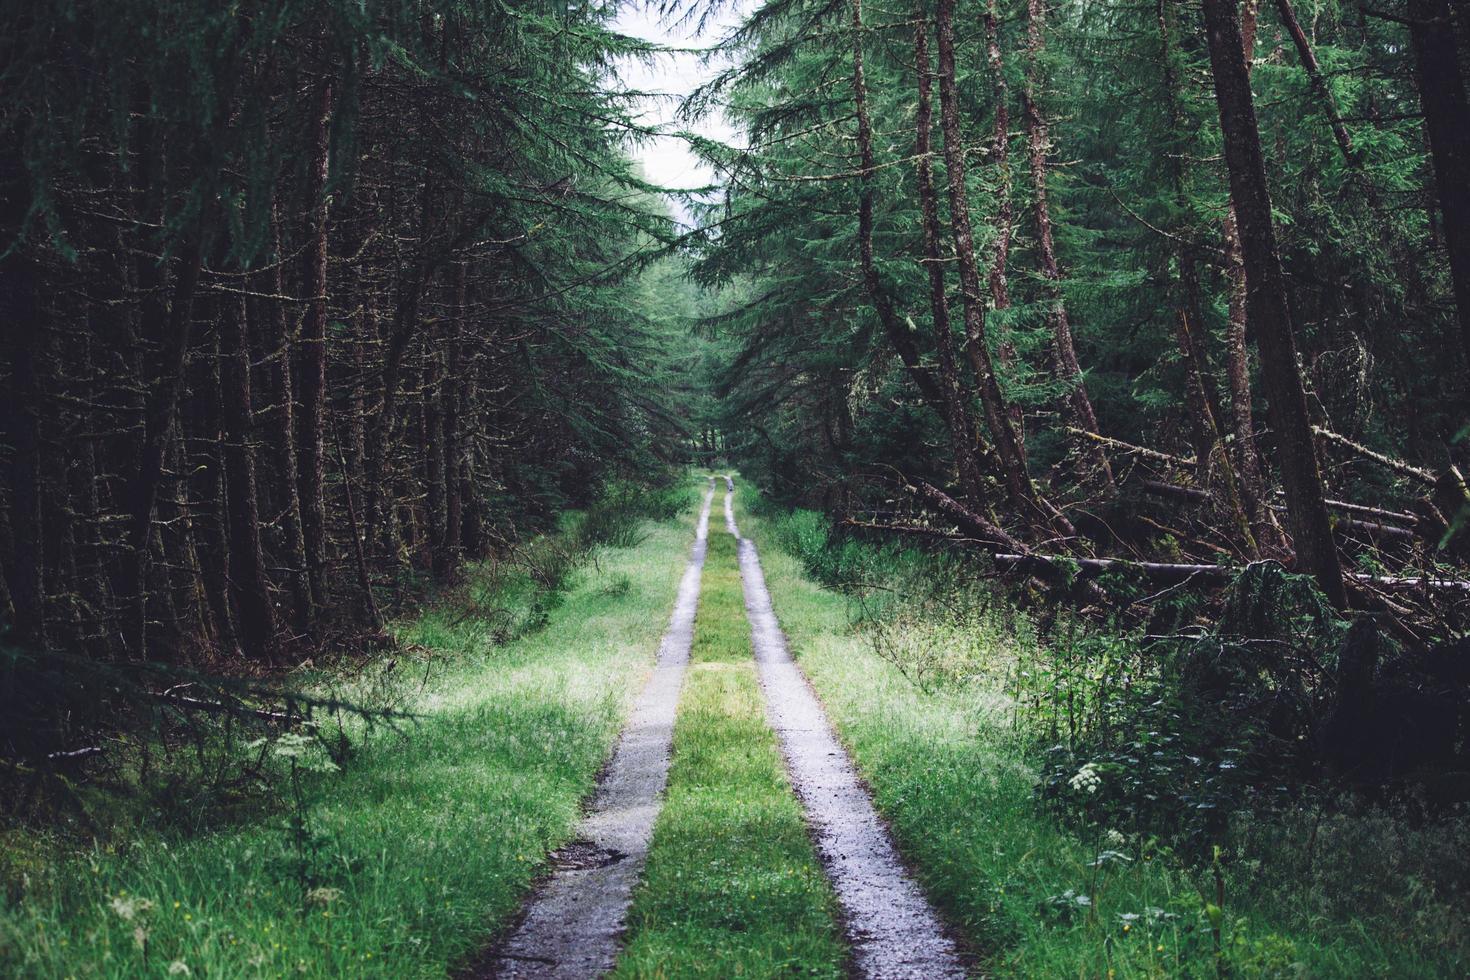 strada erbosa tra alberi forestali foto